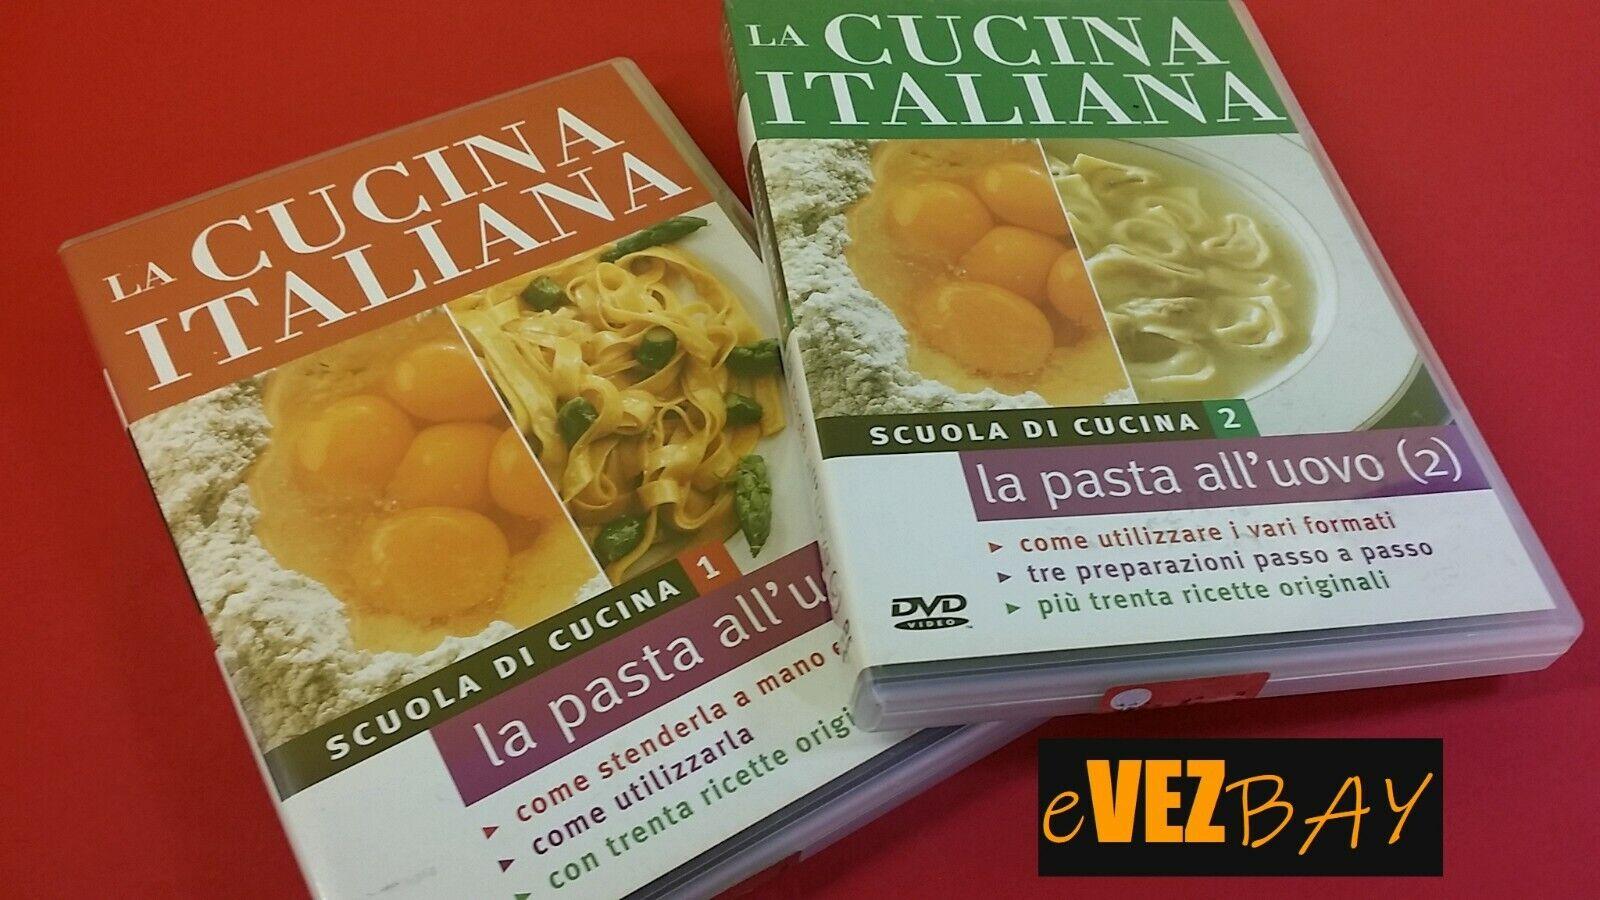 2 DVD - SCUOLA DI CUCINA 1 e 2 - La pasta all'uovo - LA CUCINA ITALIANA